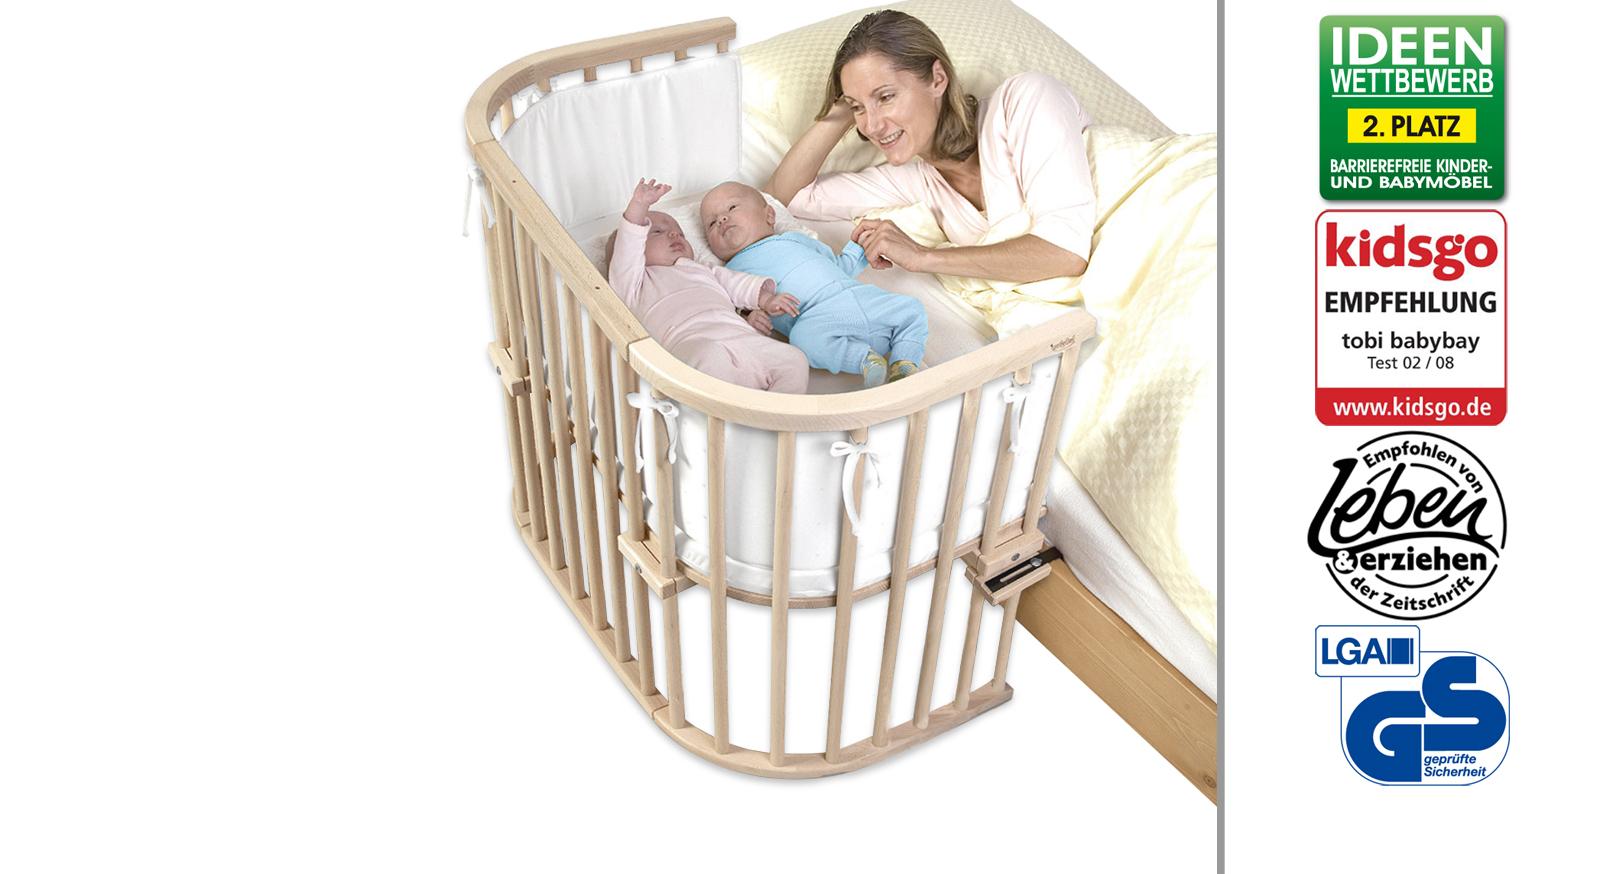 Beistellbett zwillinge  Beispielbett auch für Zwillinge geeignet - BabyBay Maxi